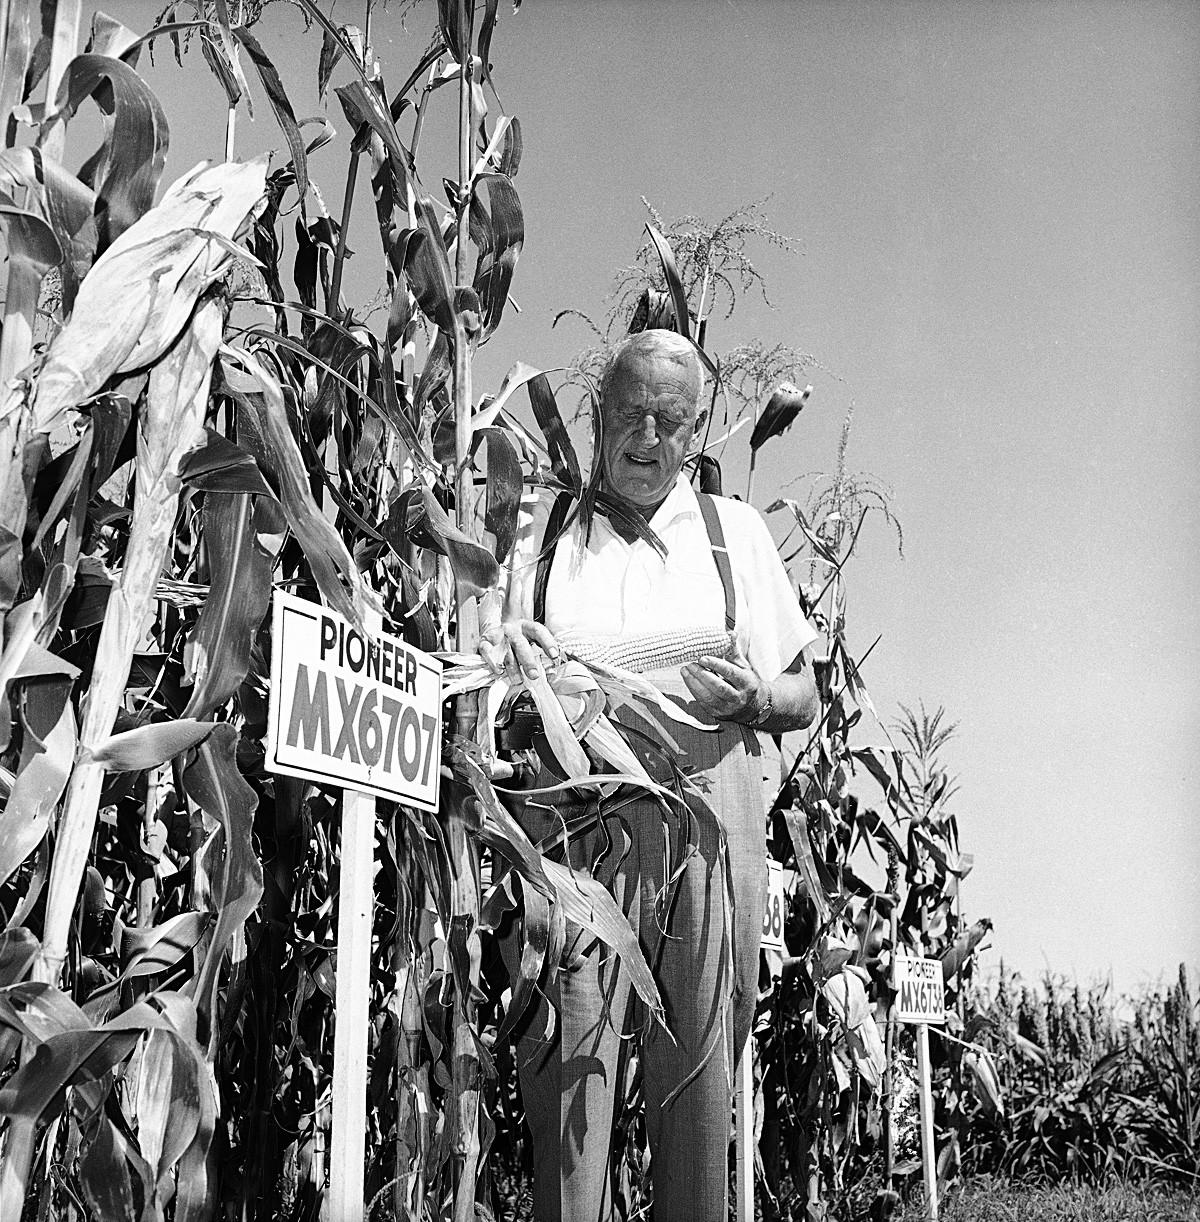 Roswell Garst examine un épi de maïs sur sa parcelle expérimentale à sa ferme de Coon Rapids, Iowa, le 9 septembre 1959.